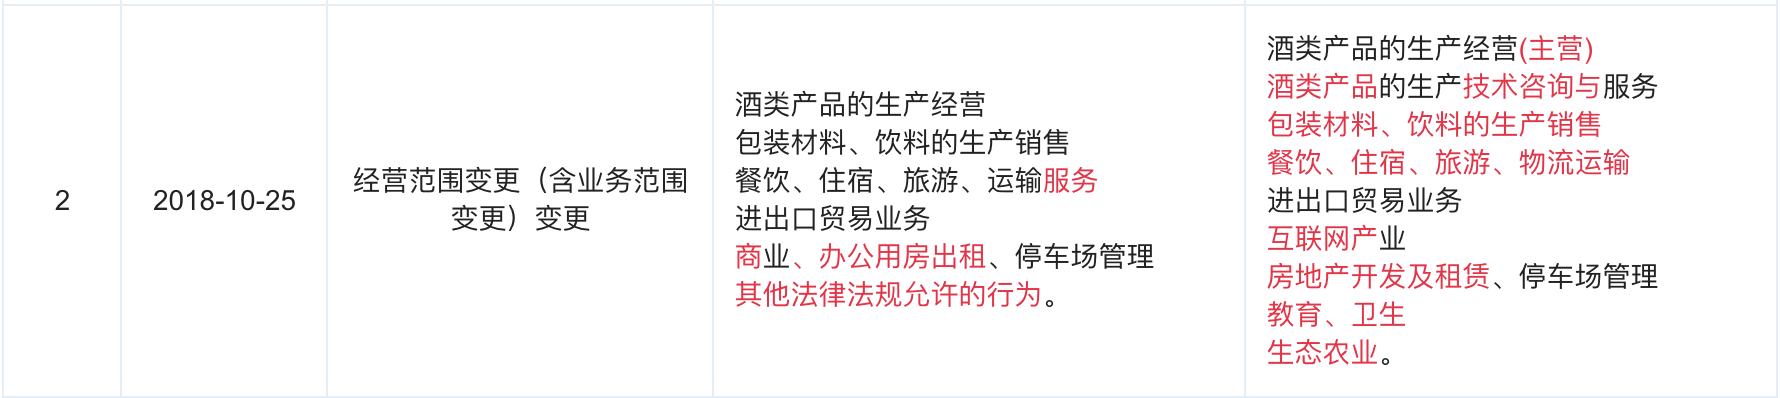 贵州茅台变更经营范围:增加房地产开发、互联网产业等